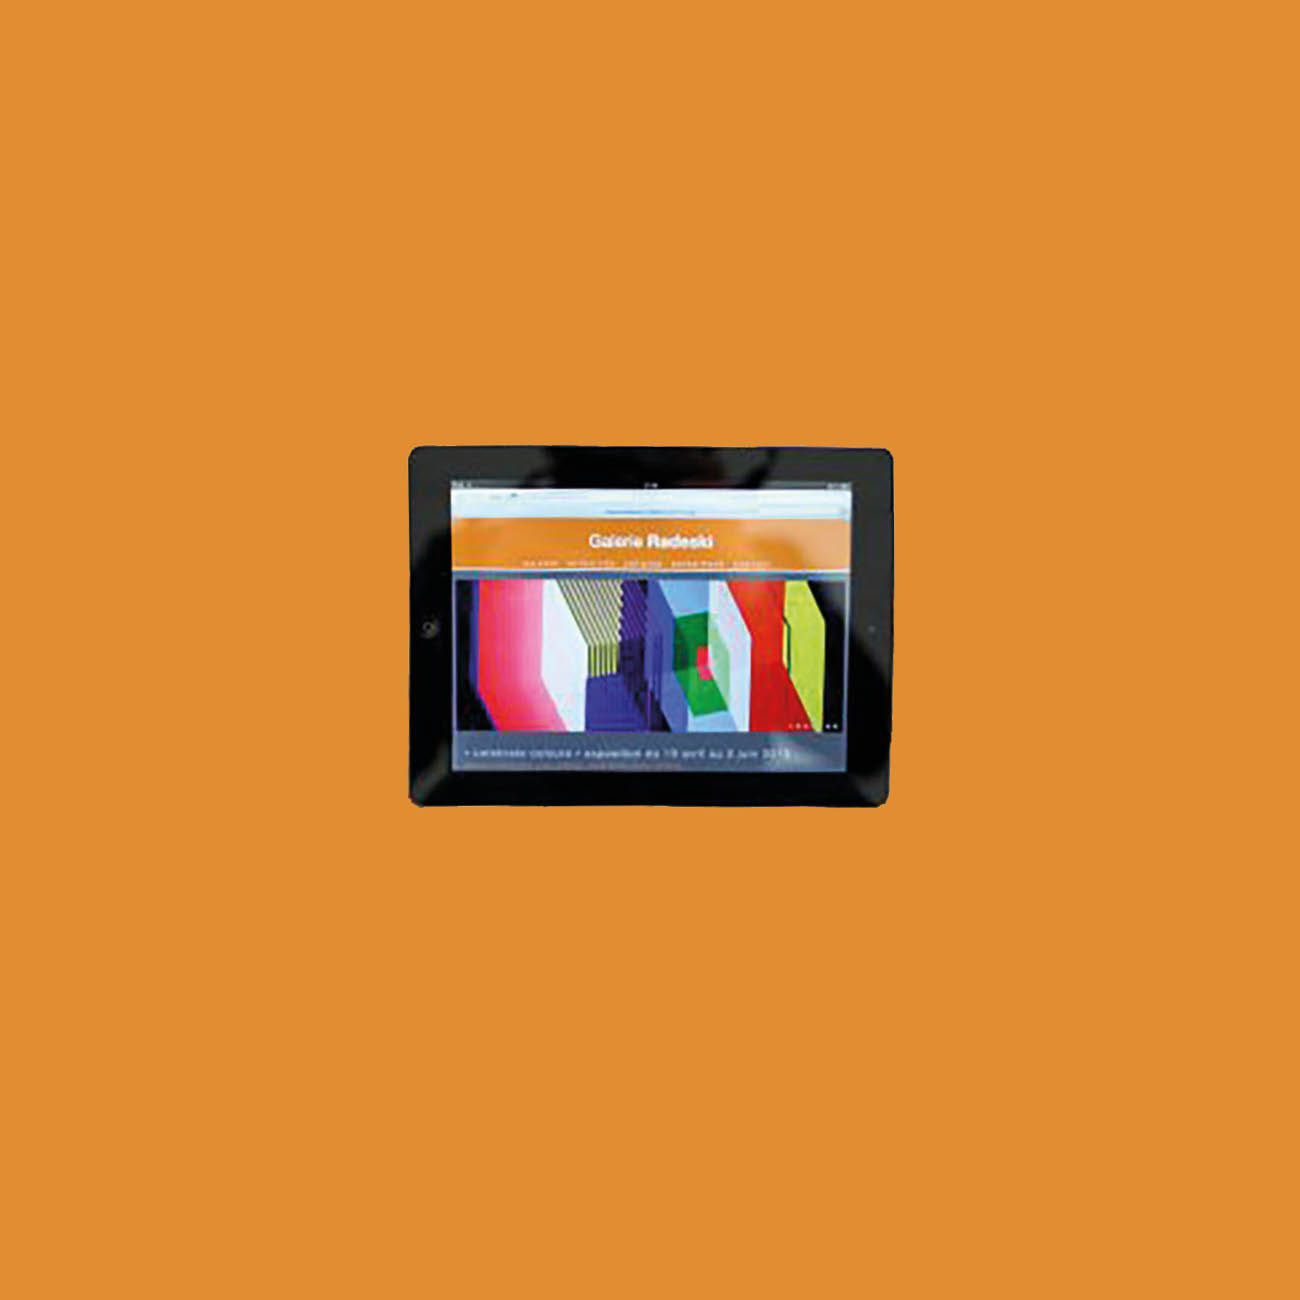 Miko Digital Agence Web à Liège - Site internet pour la Galerie Radeski